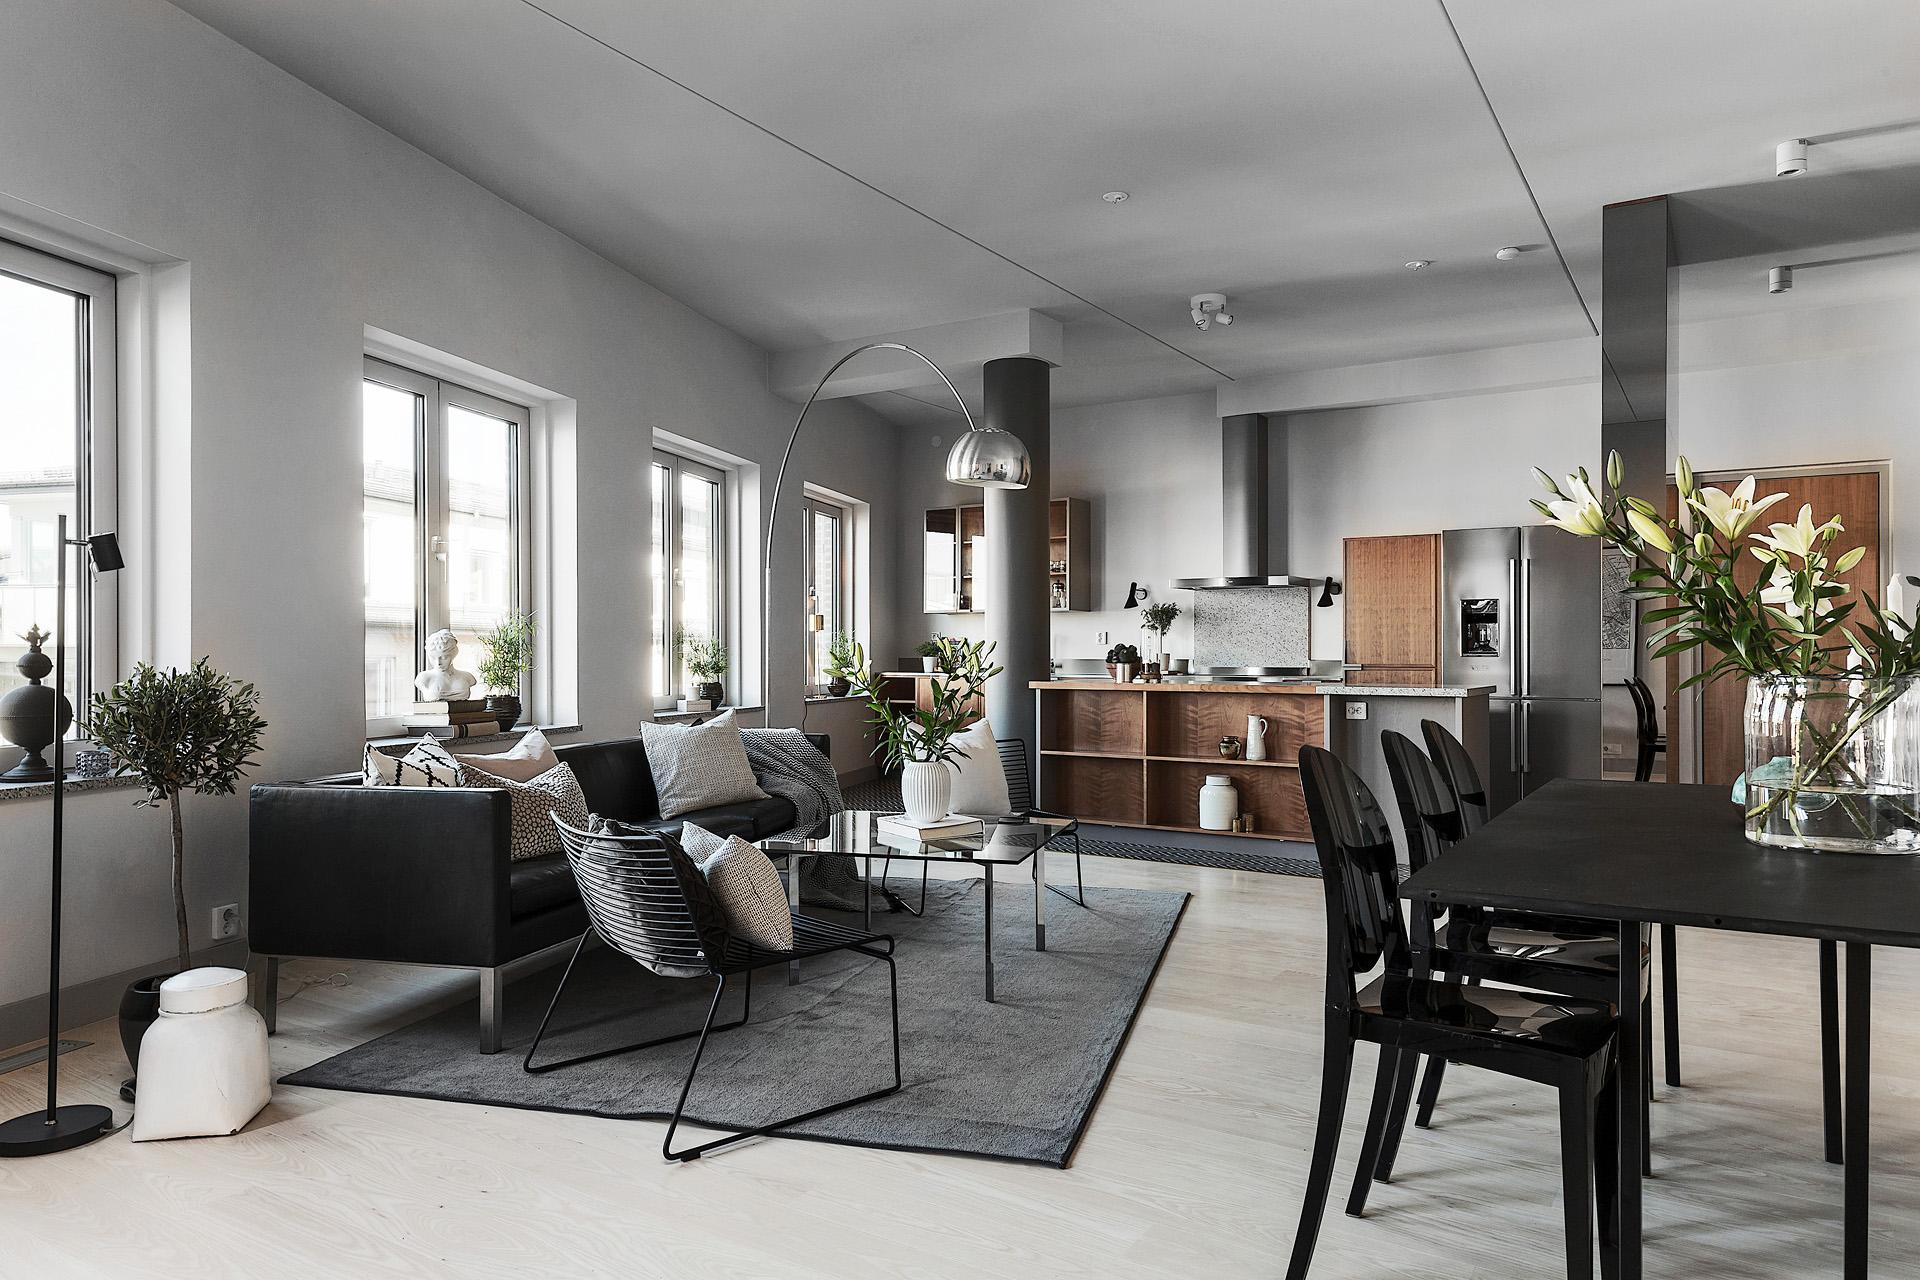 гостиная кухня диван стол